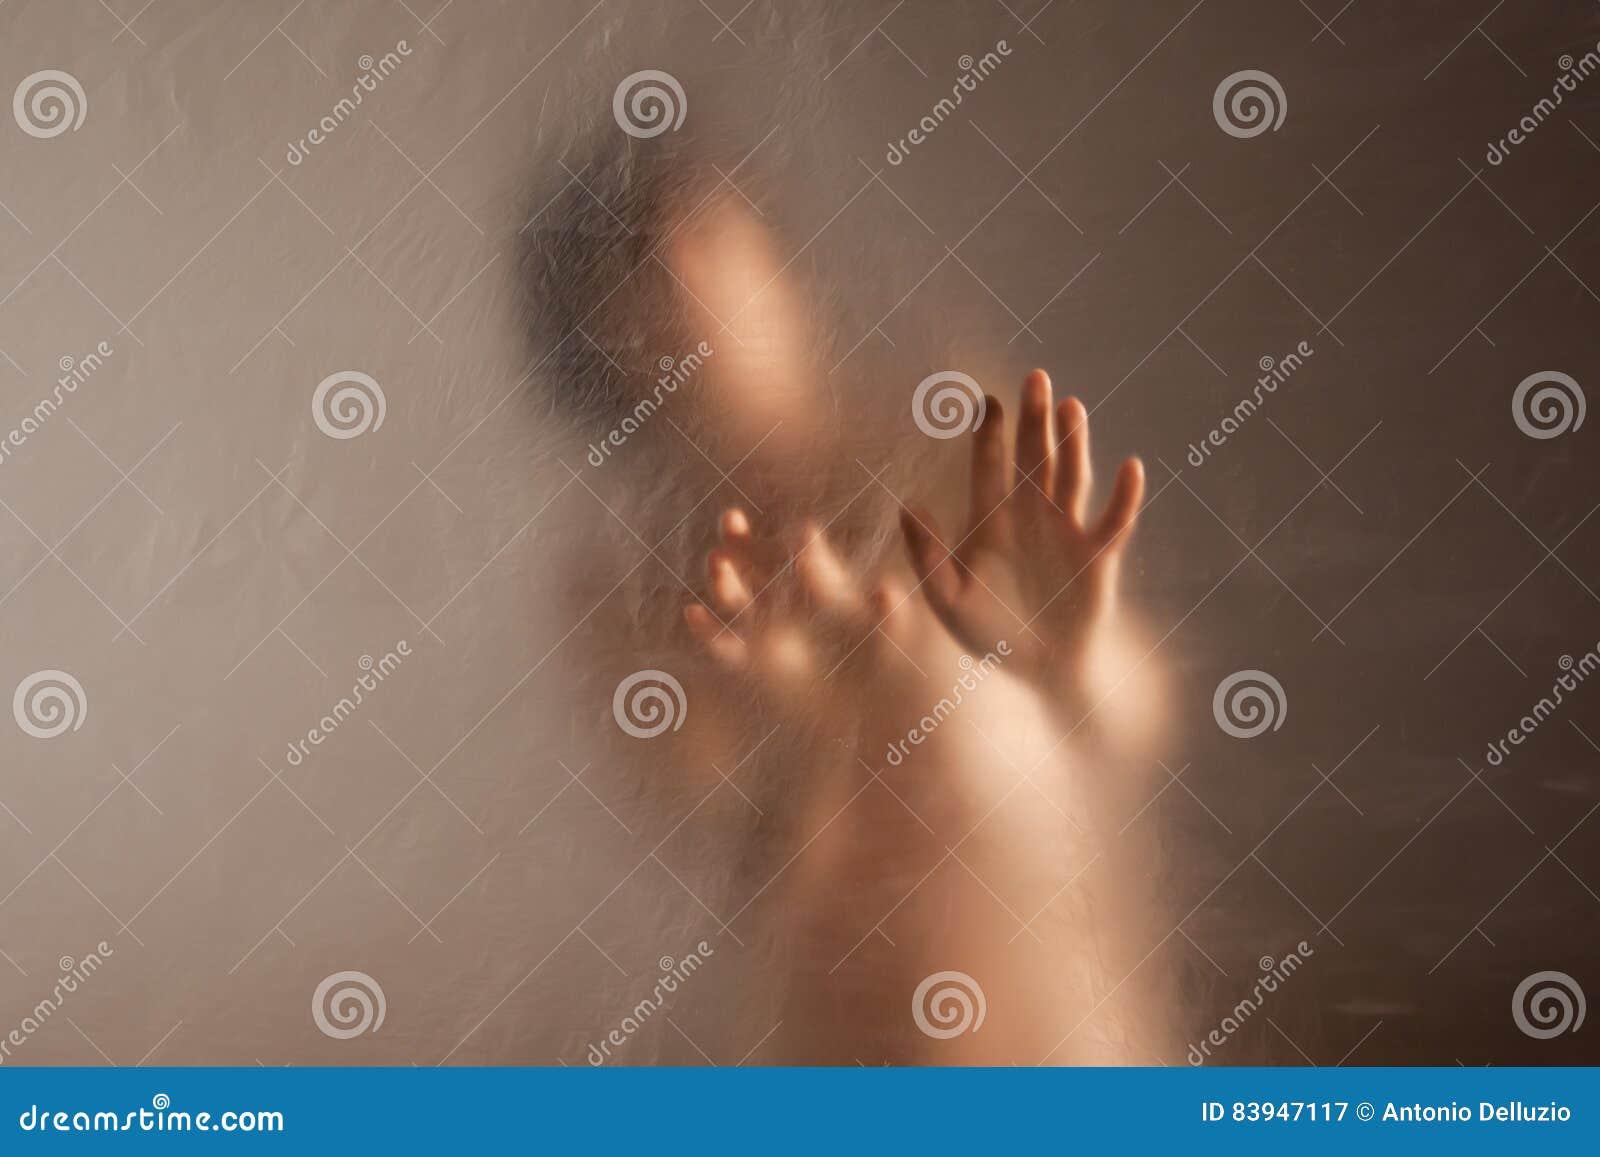 Droevige vrouw in eenzaamheid aan geweld en misbruik